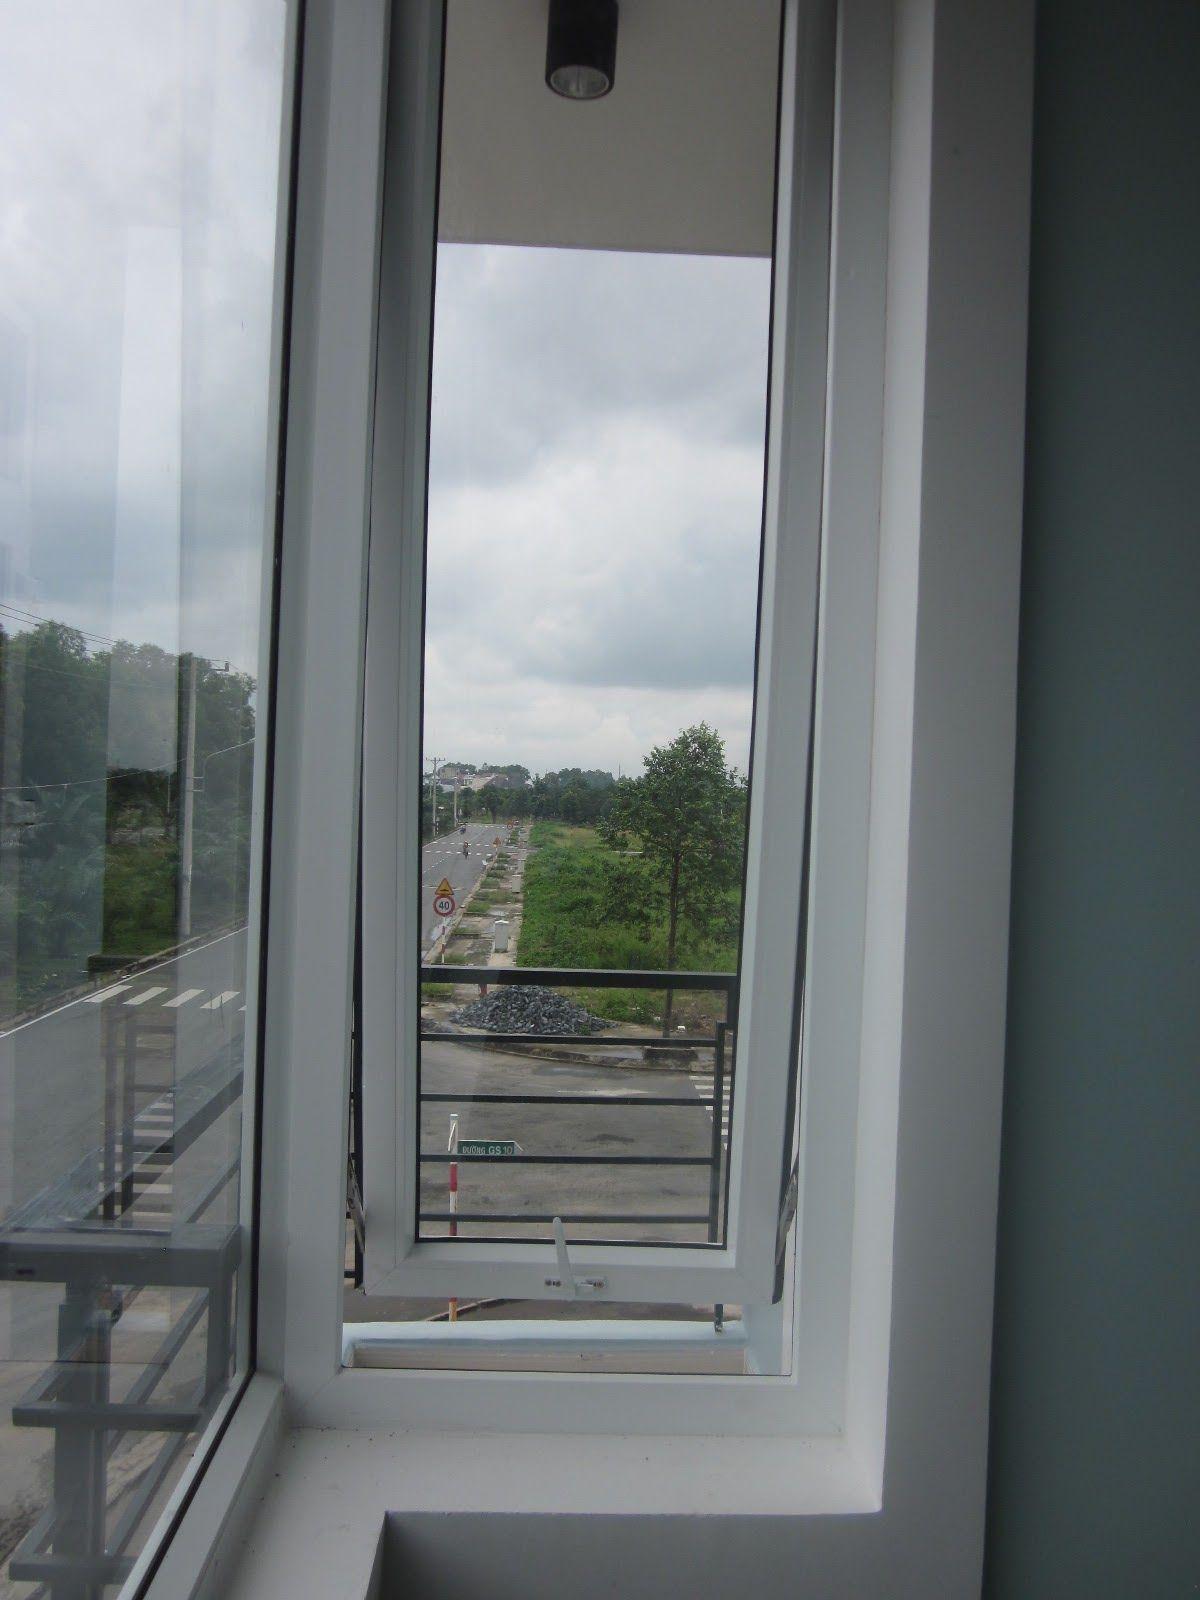 Cửa sổ 3a window mở hất ra ban công